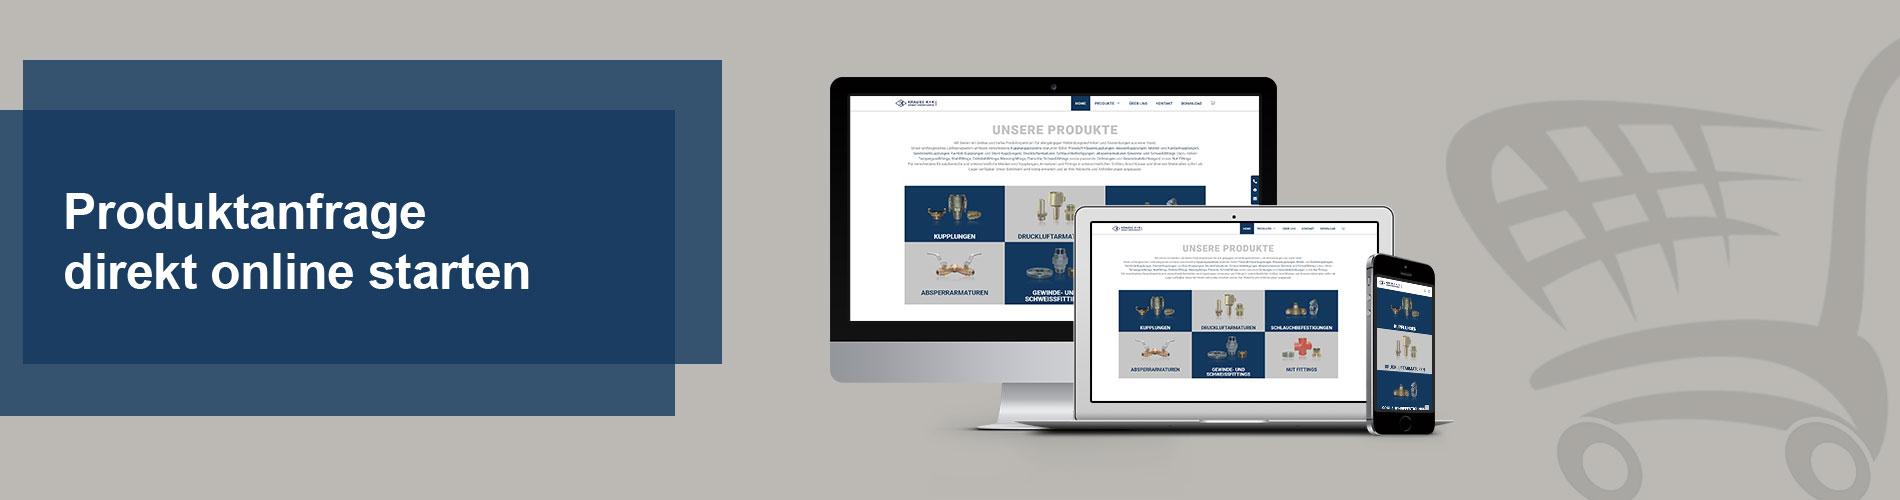 Produktanfrage direkt online starten bei Krause K + K GmbH